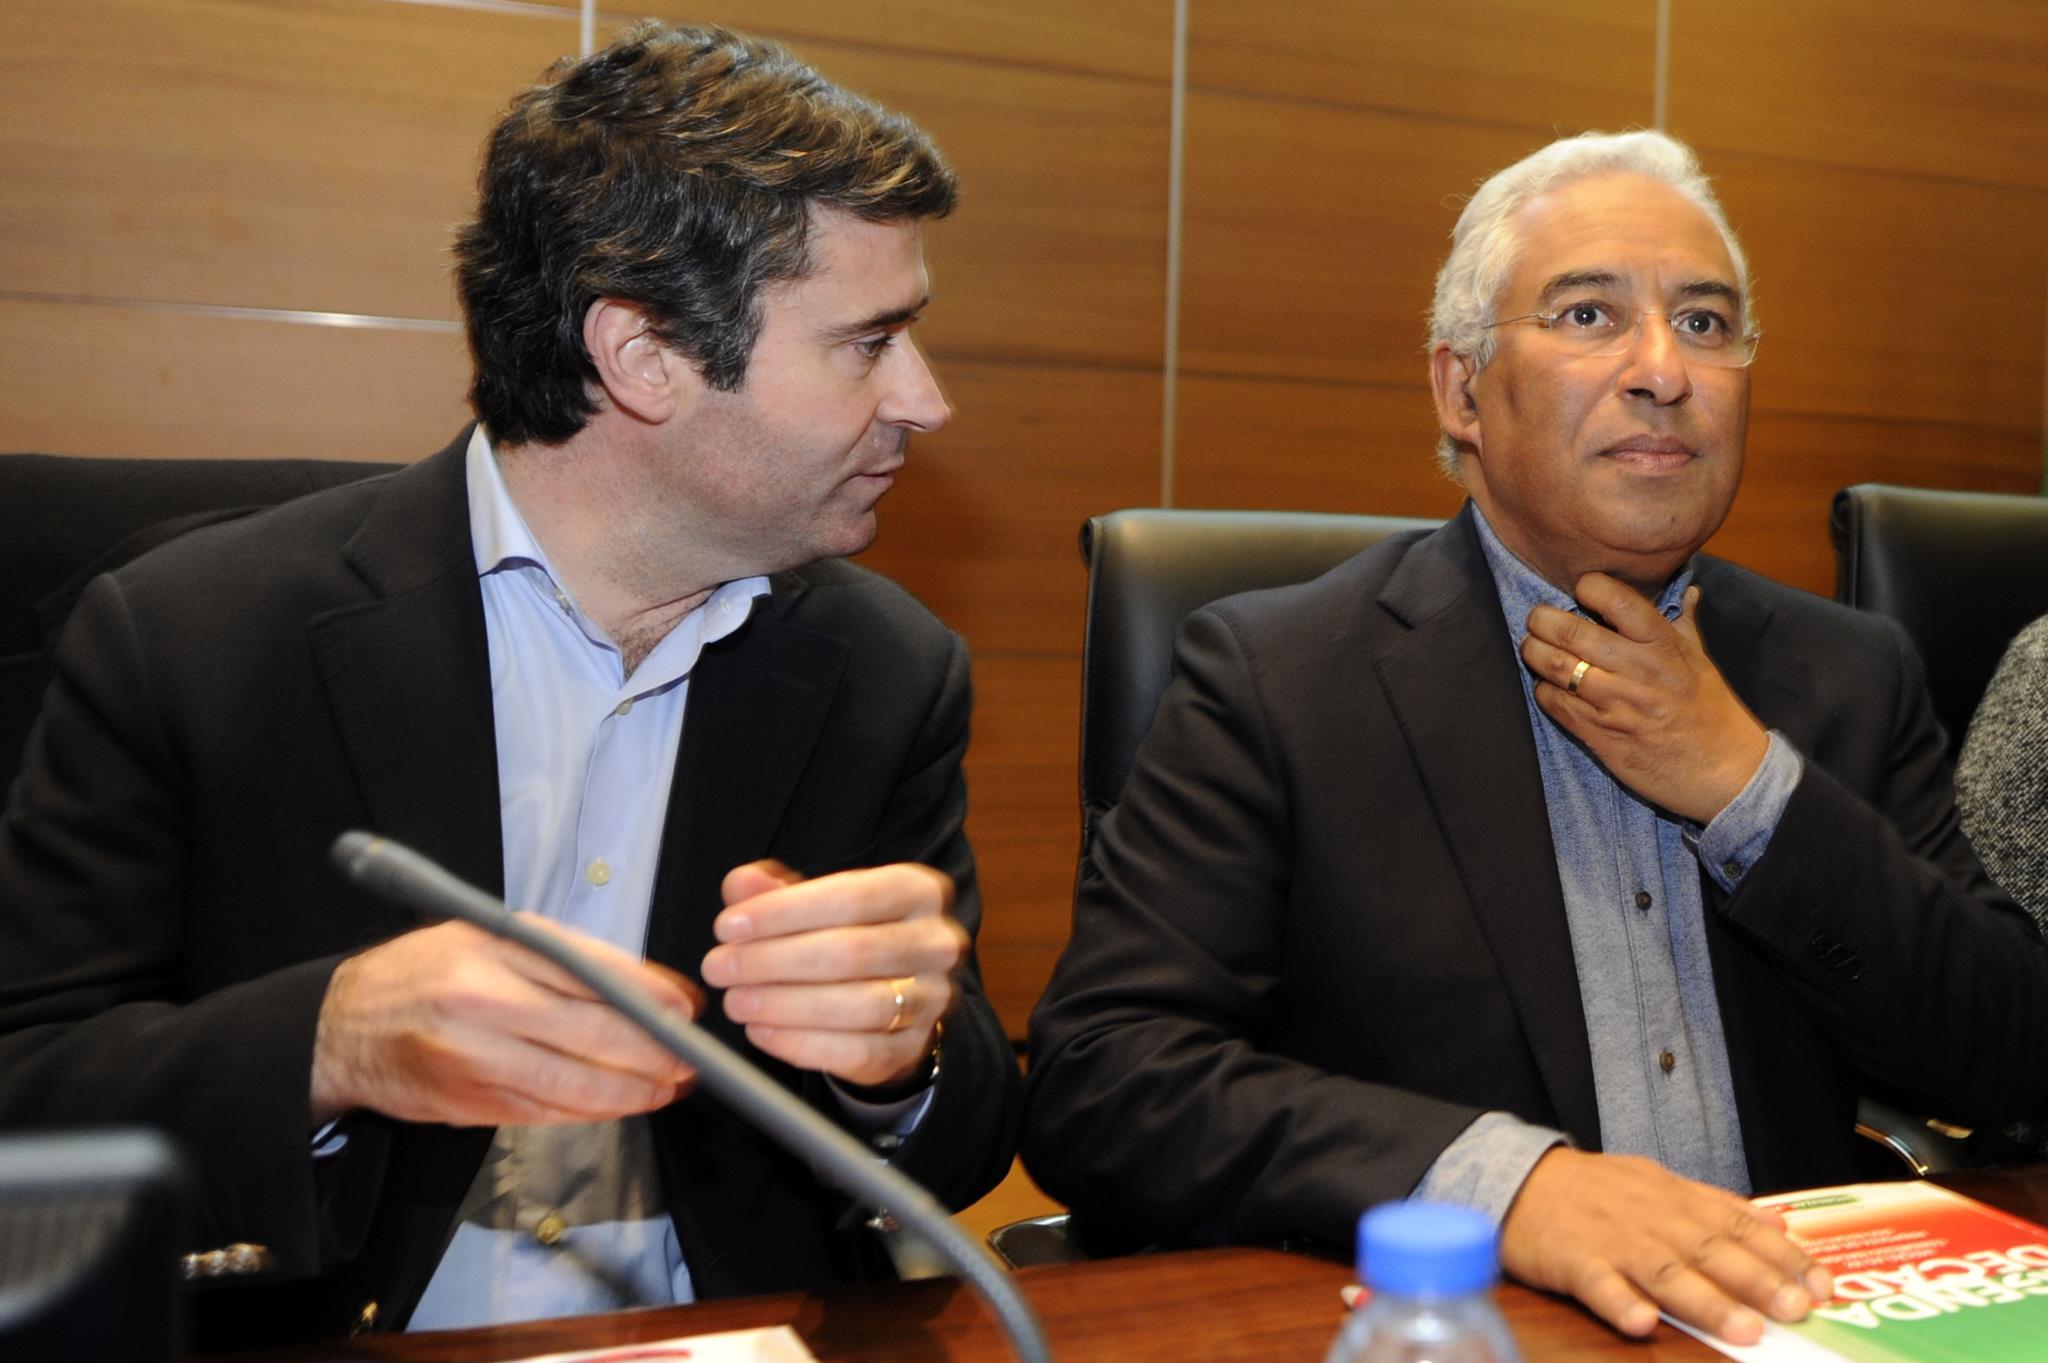 PÚBLICO - Governo admite reforçar apoio financeiro aos portugueses na Venezuela